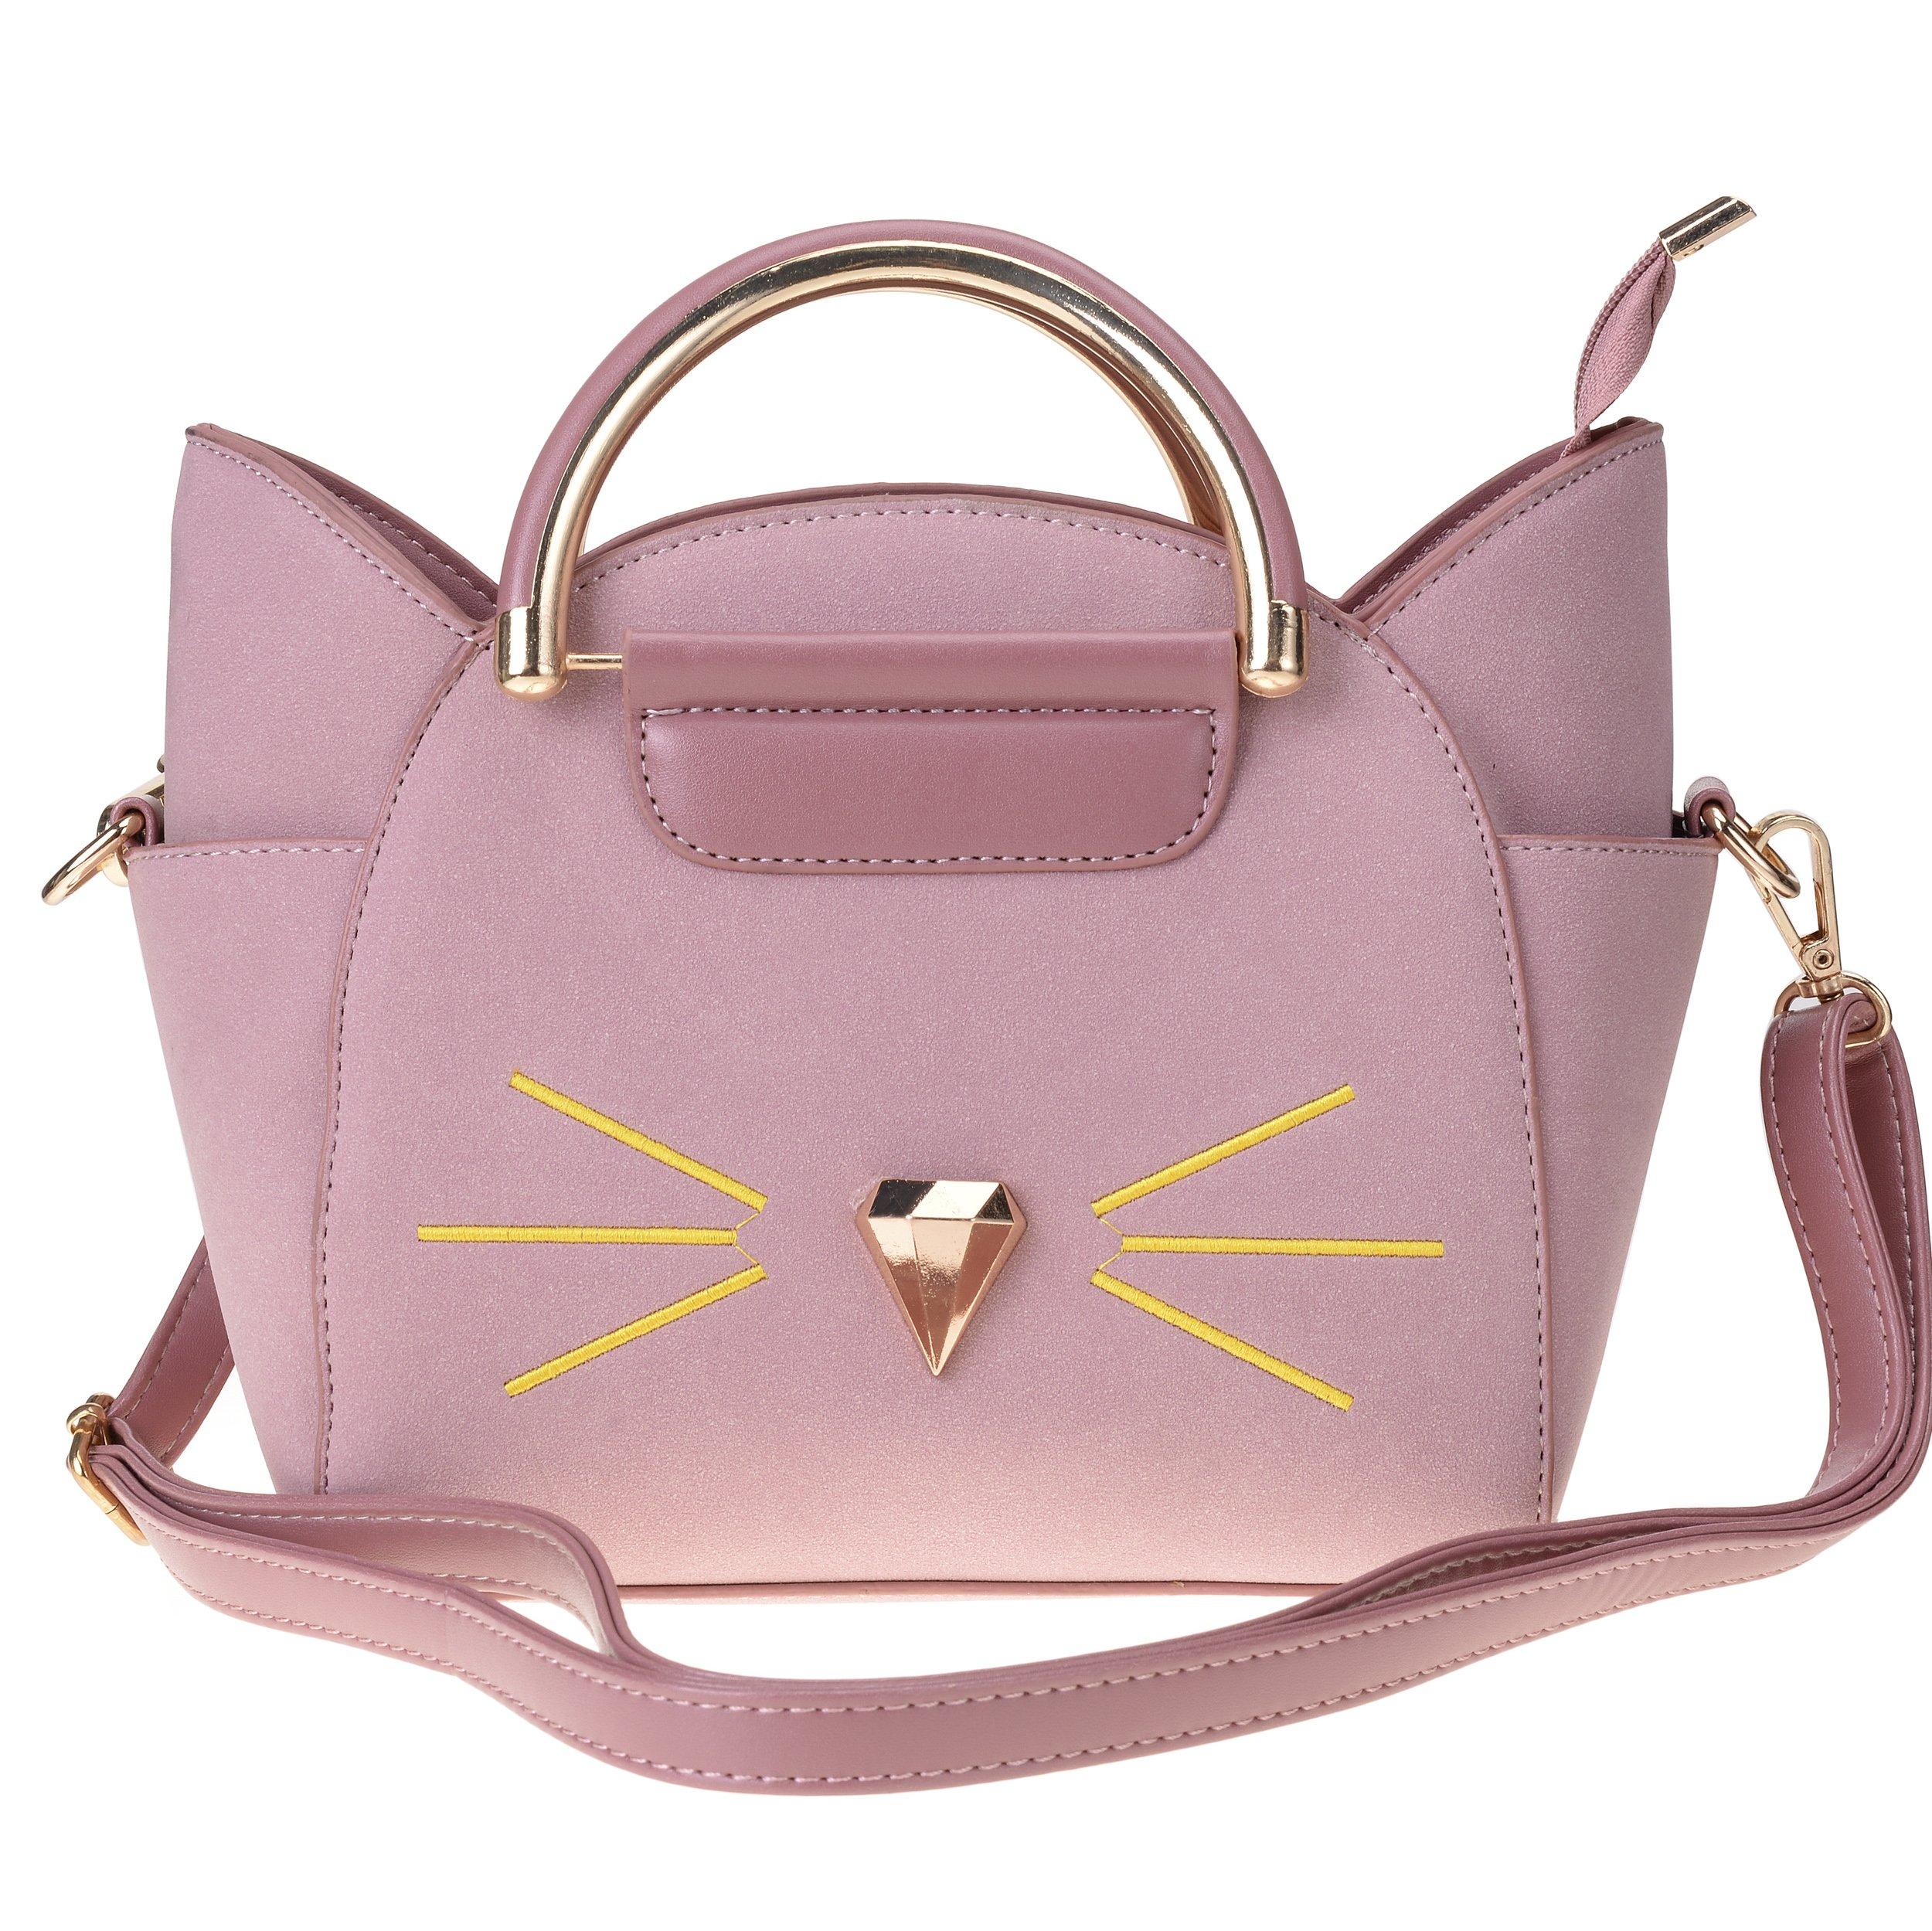 QZUnique Women's Summer Fashion Top Handle Cute Cat Cross Body Shoulder Bag Pink